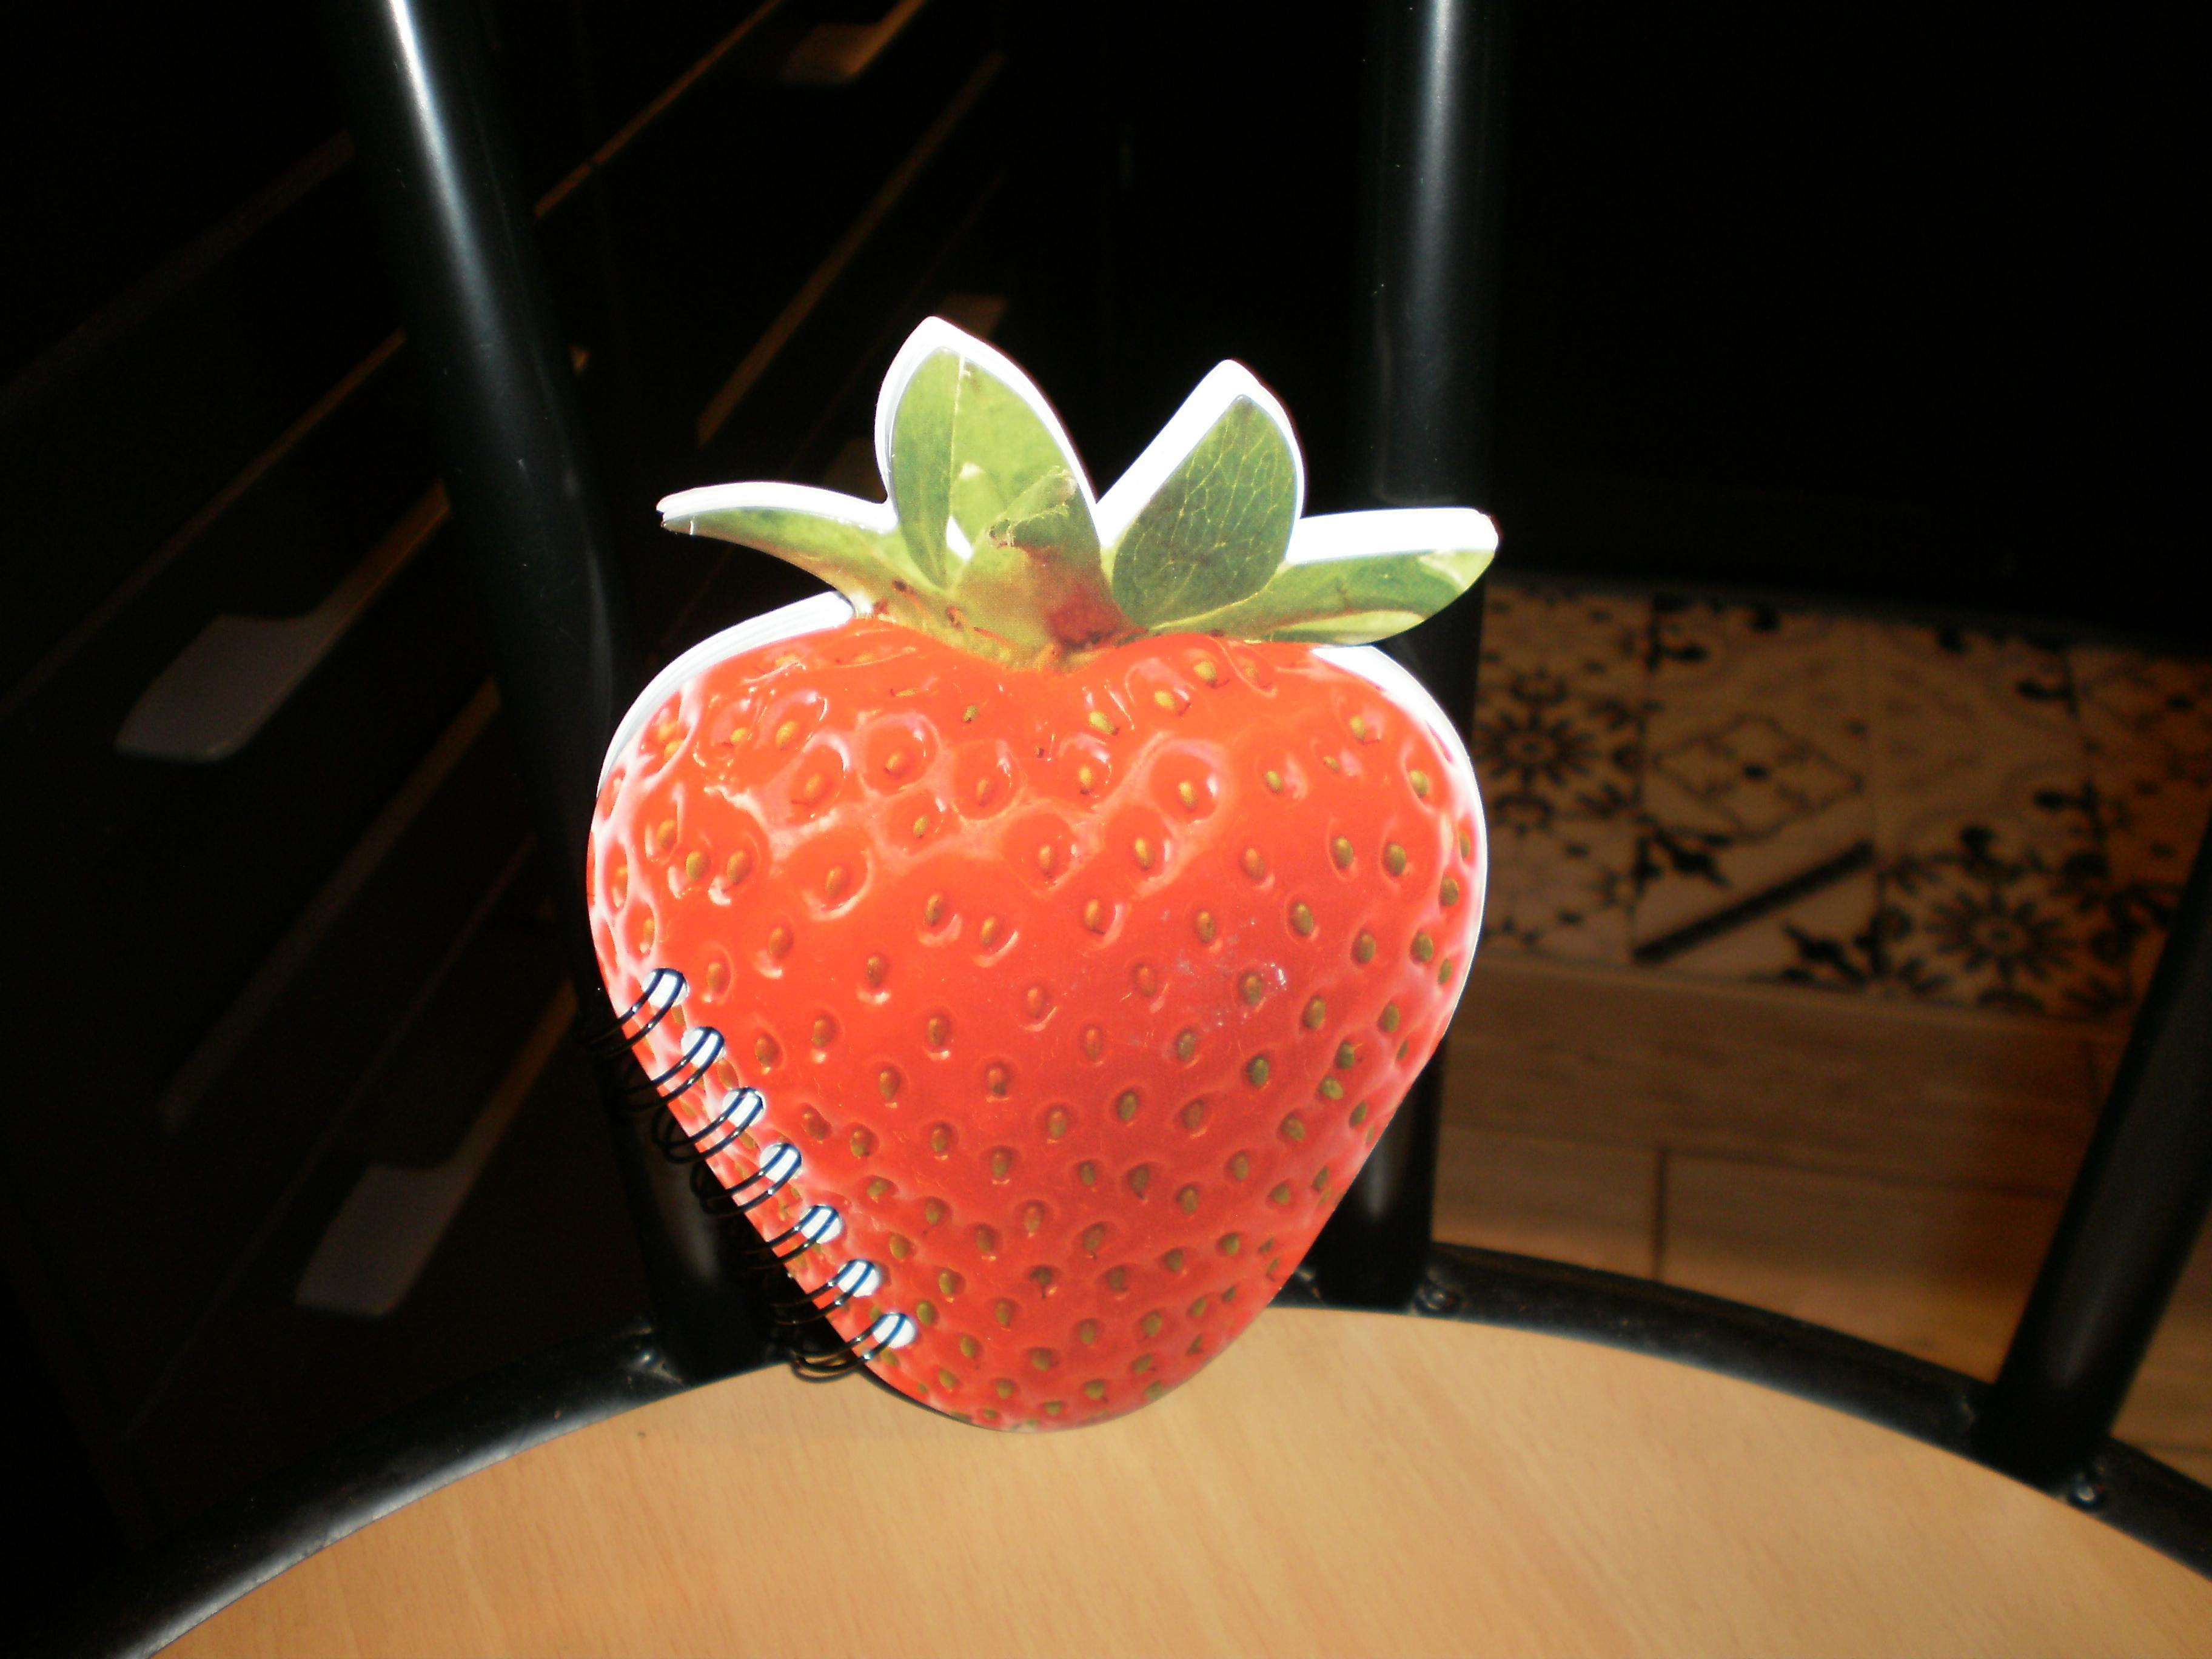 troc de troc réservé,calepin neuf forme fraise 14x10 image 0